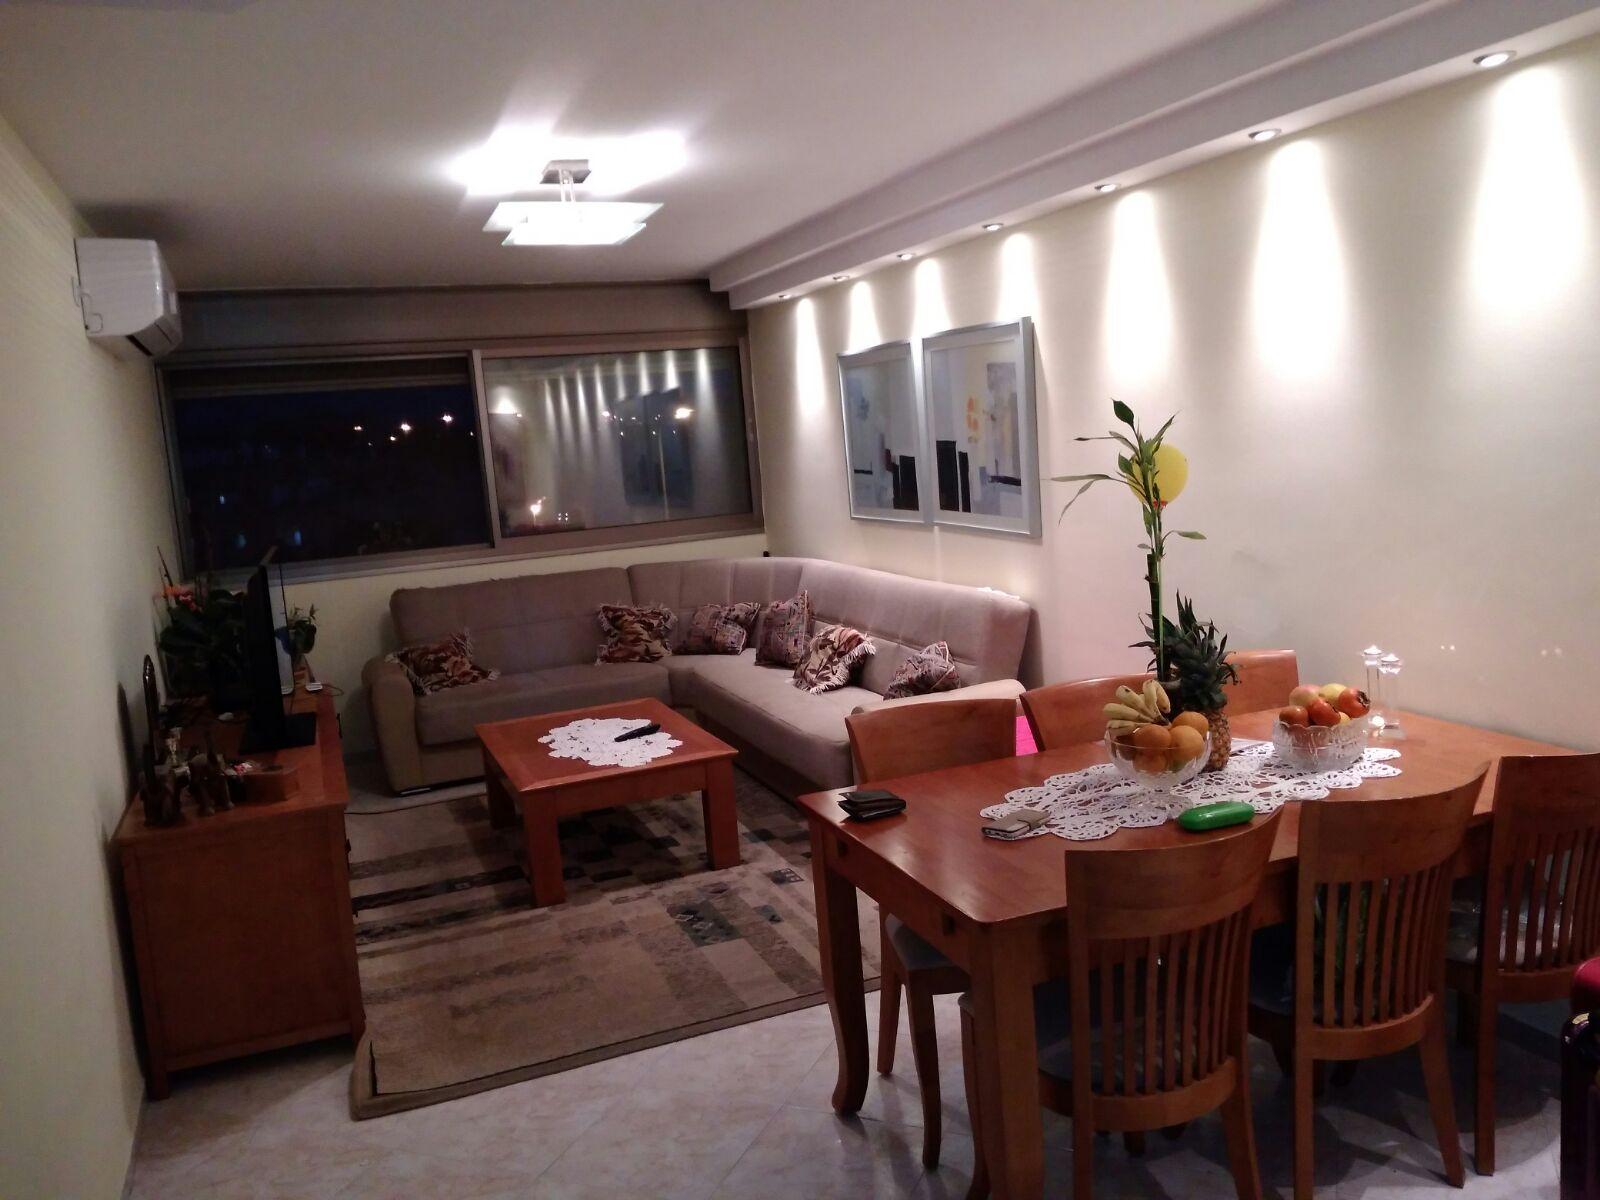 דירת 3.5 חדרים משופצת להשכרה בקריית מוצקין